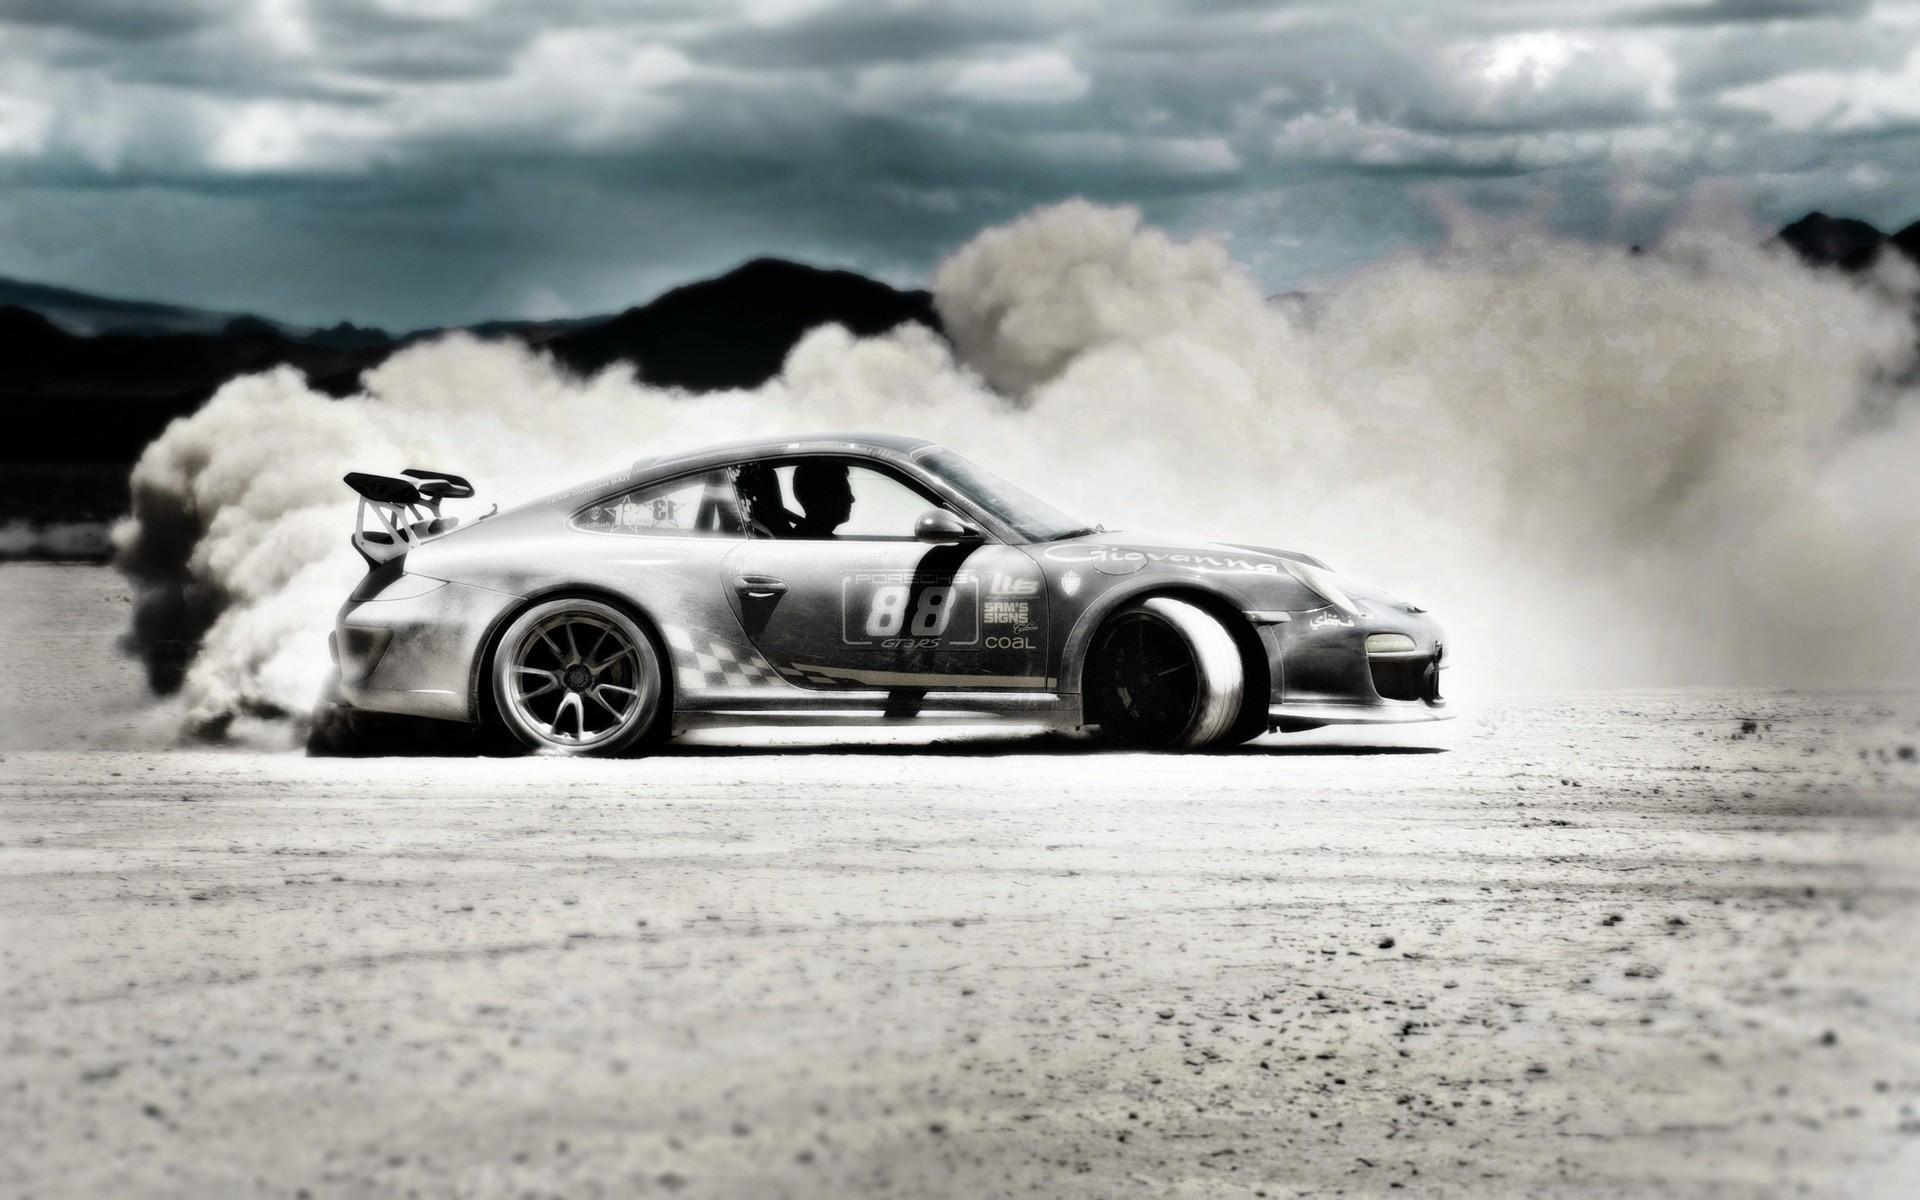 Porsche Drift Cars Hd Wallpapers